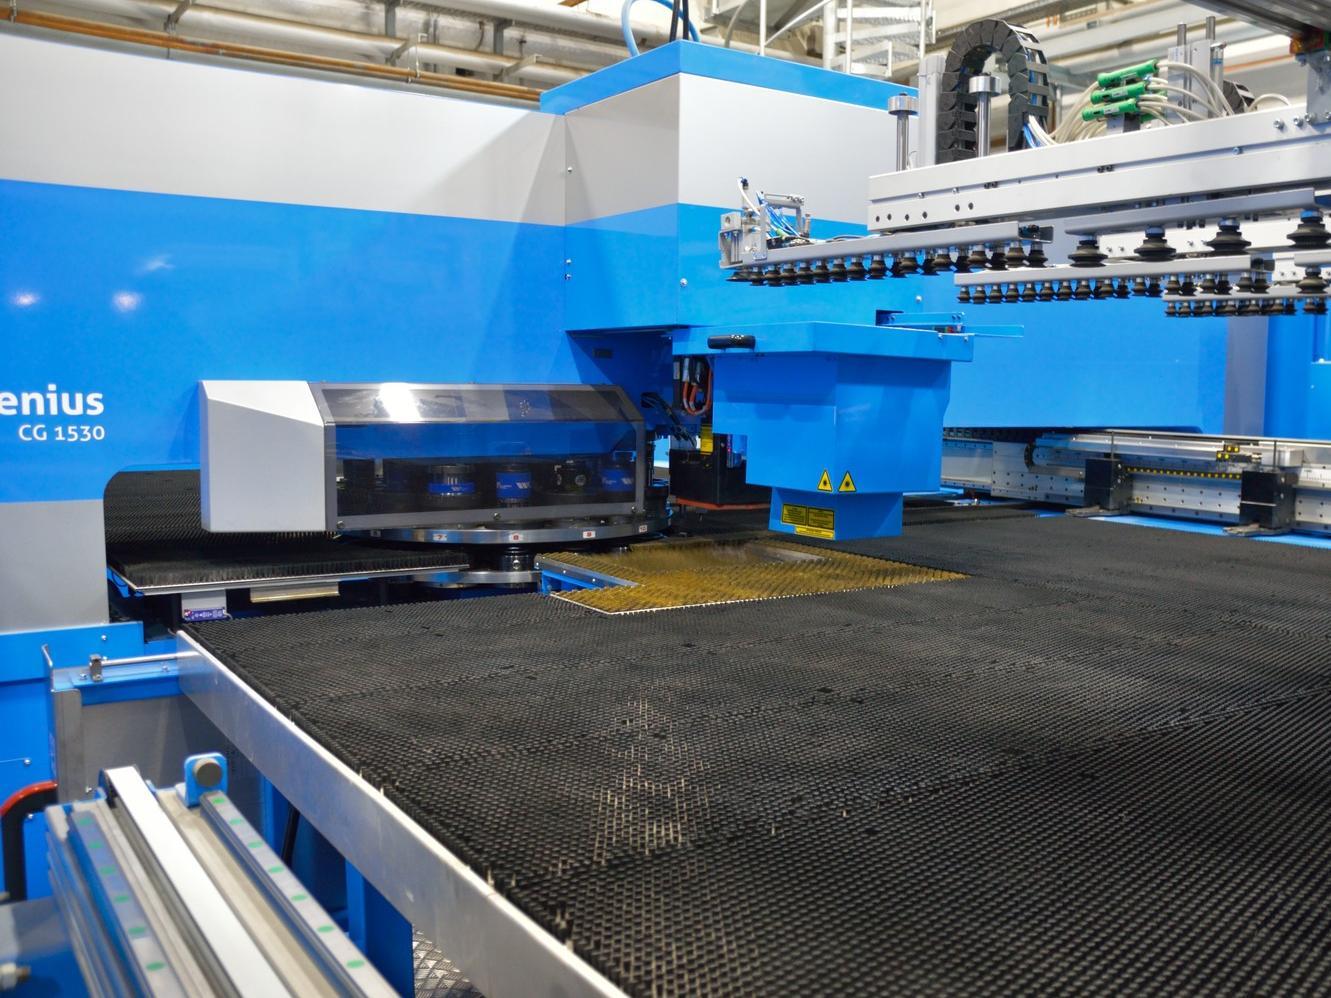 Die Stanz-Laser-Kombimaschine mit automatisiertem Handling passt ideal zum Produktportfolio des Eisenwerk Wittigsthal.